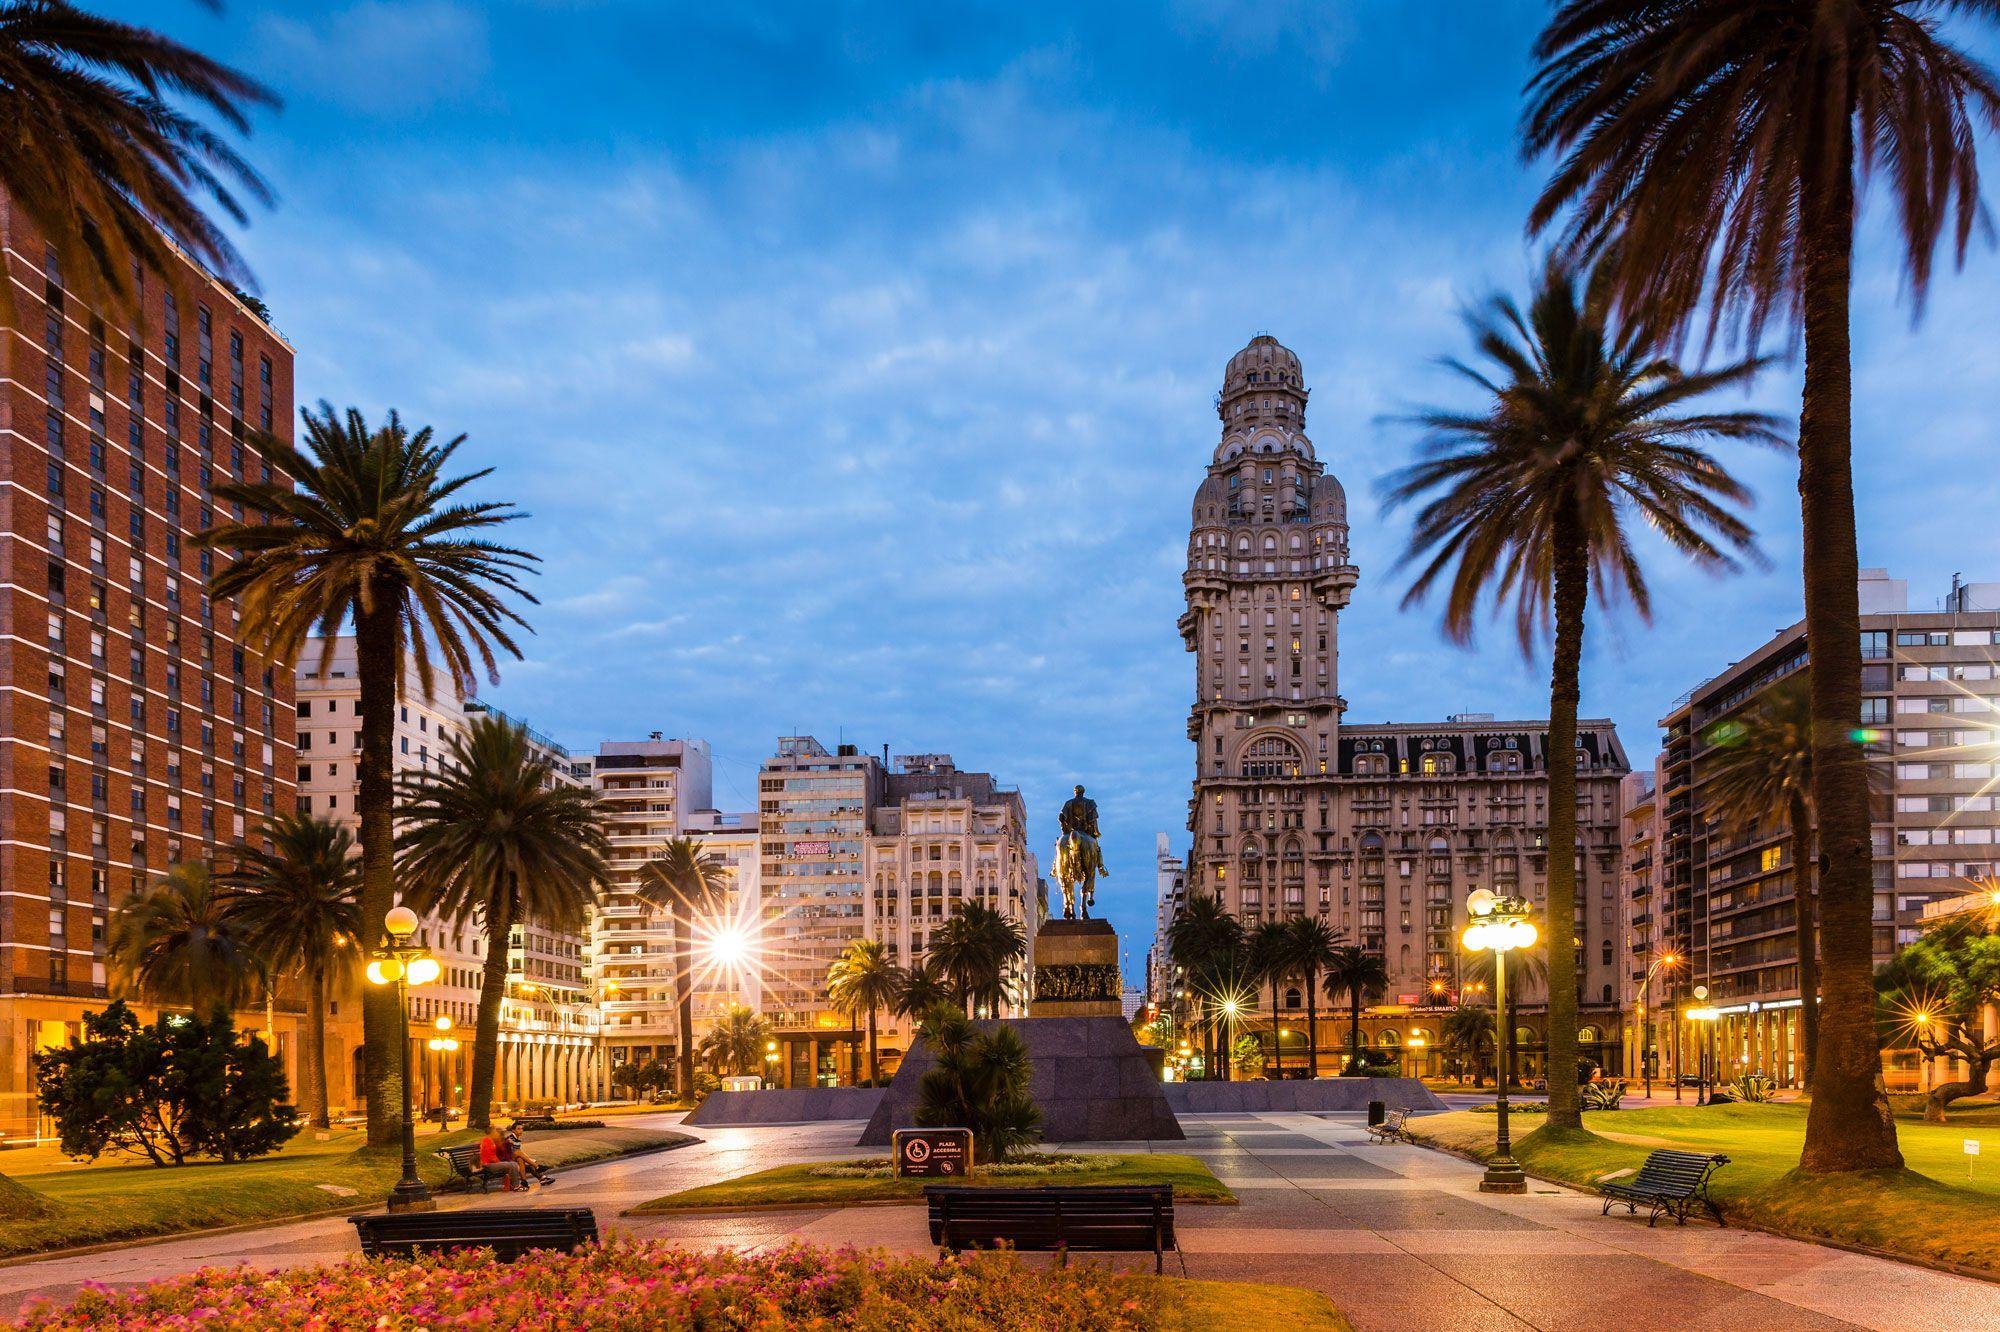 rencontres à Montevideo Uruguay meilleurs jeux de rencontres en ligne anime